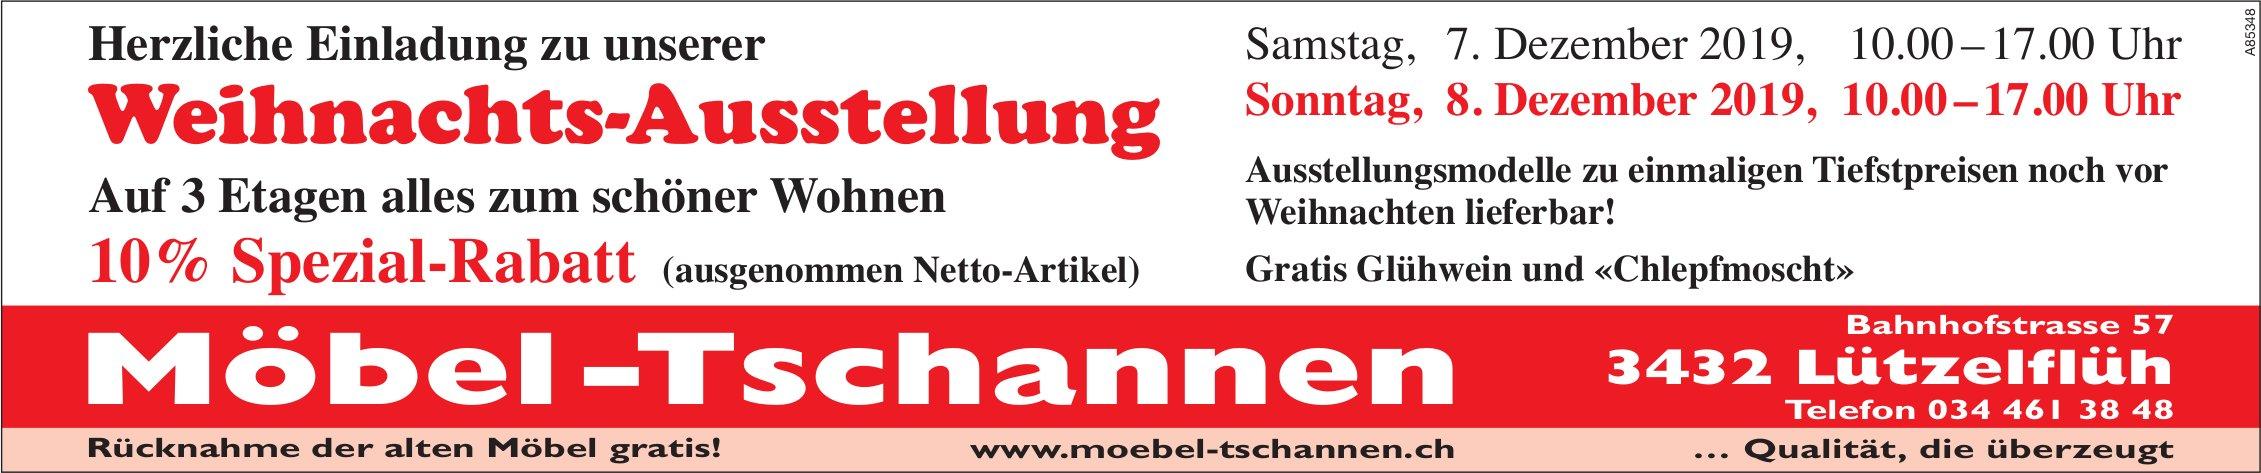 Möbel -Tschannen - Herzliche Einladung zu unserer Weihnachts-Ausstellung, 7. + 8. Dezember